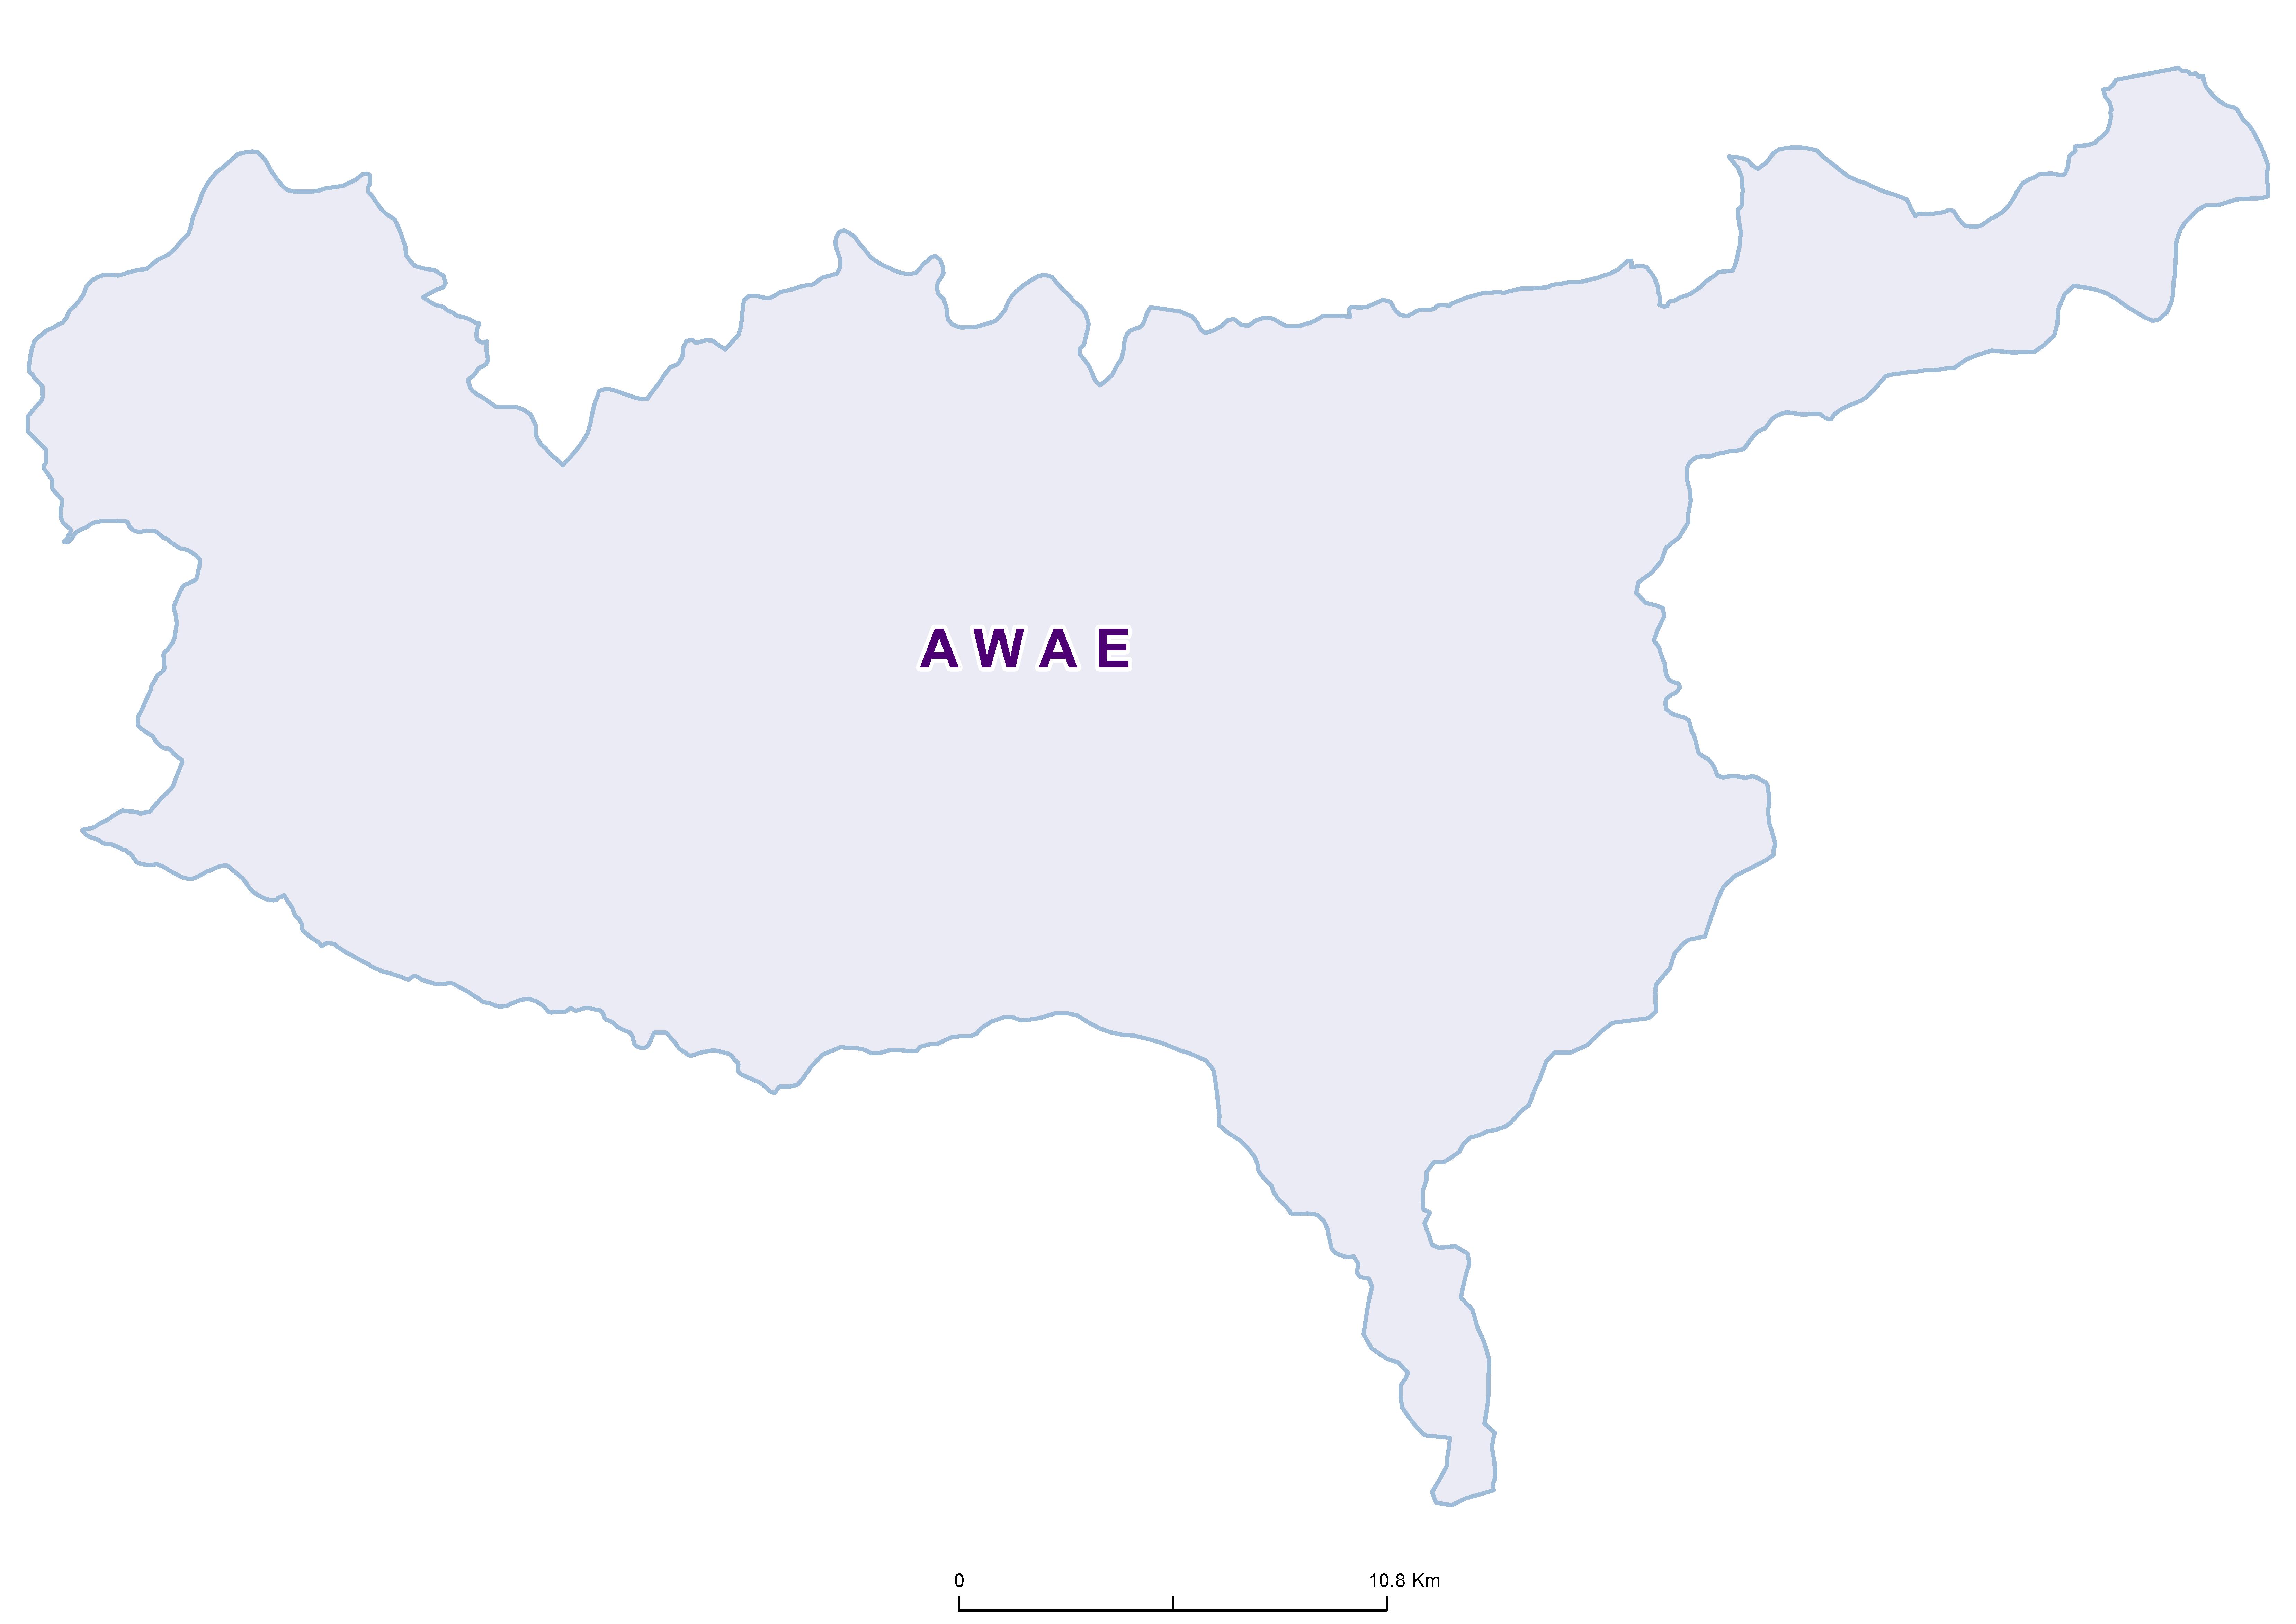 Awae Mean SCH 20180001